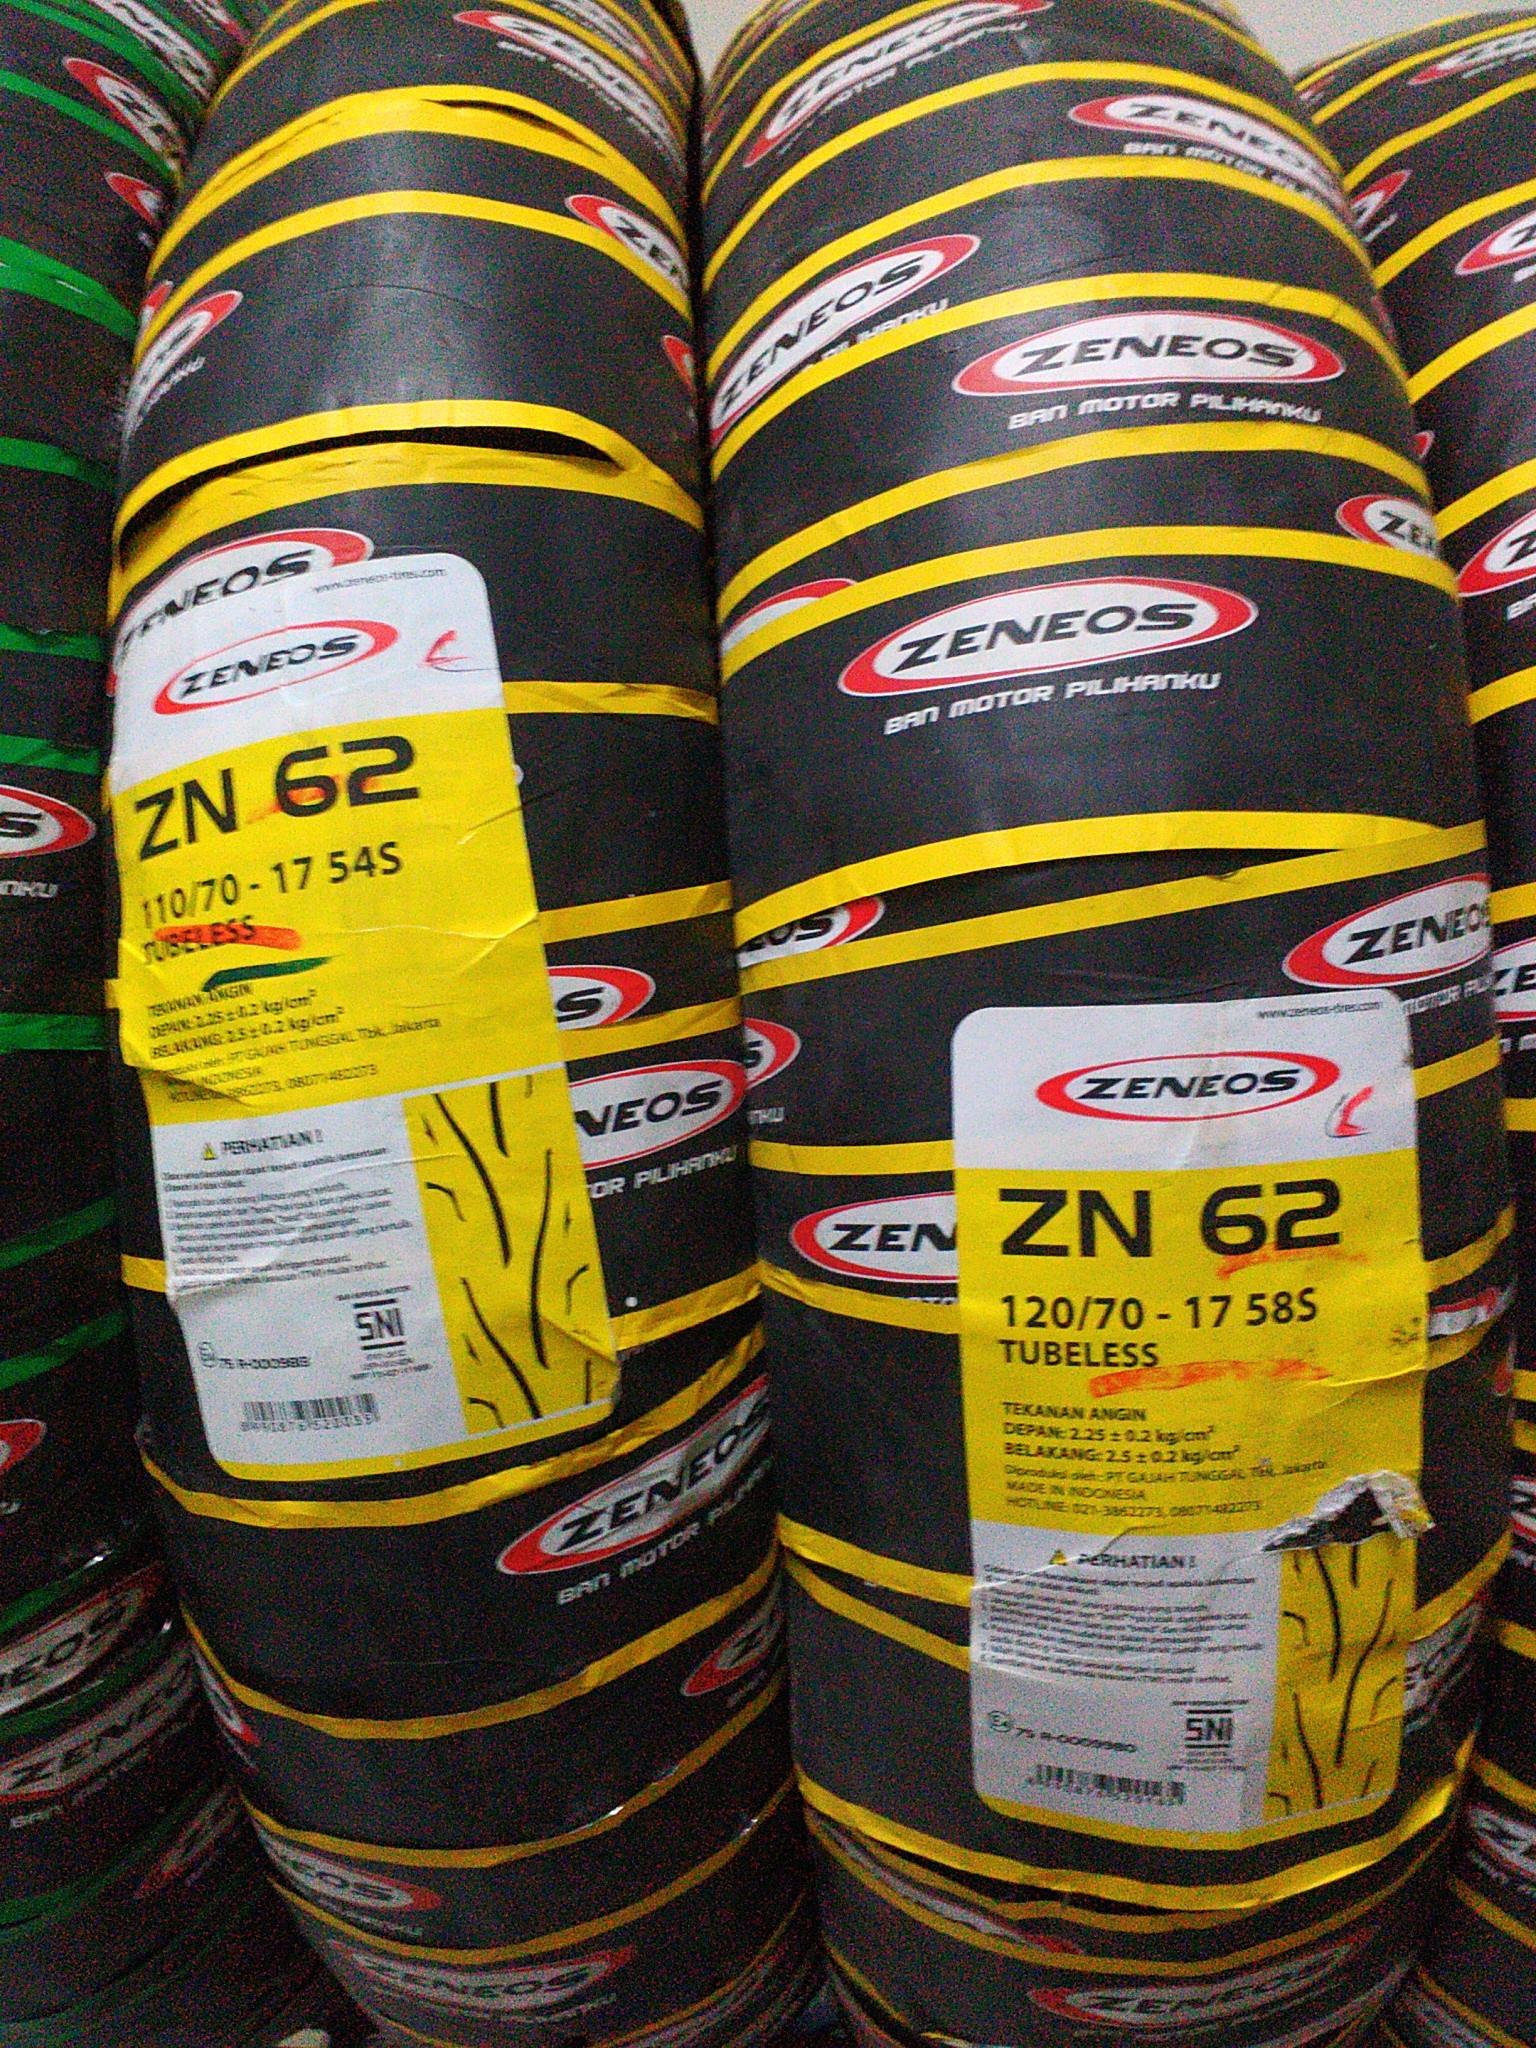 Zeneos Zn 62 Rs 120 Daftar Harga Termurah Dan Terlengkap 75 90 80 14 Ban Motor Tubeless 100 Bandung Jaya Pusat Source Jual 110